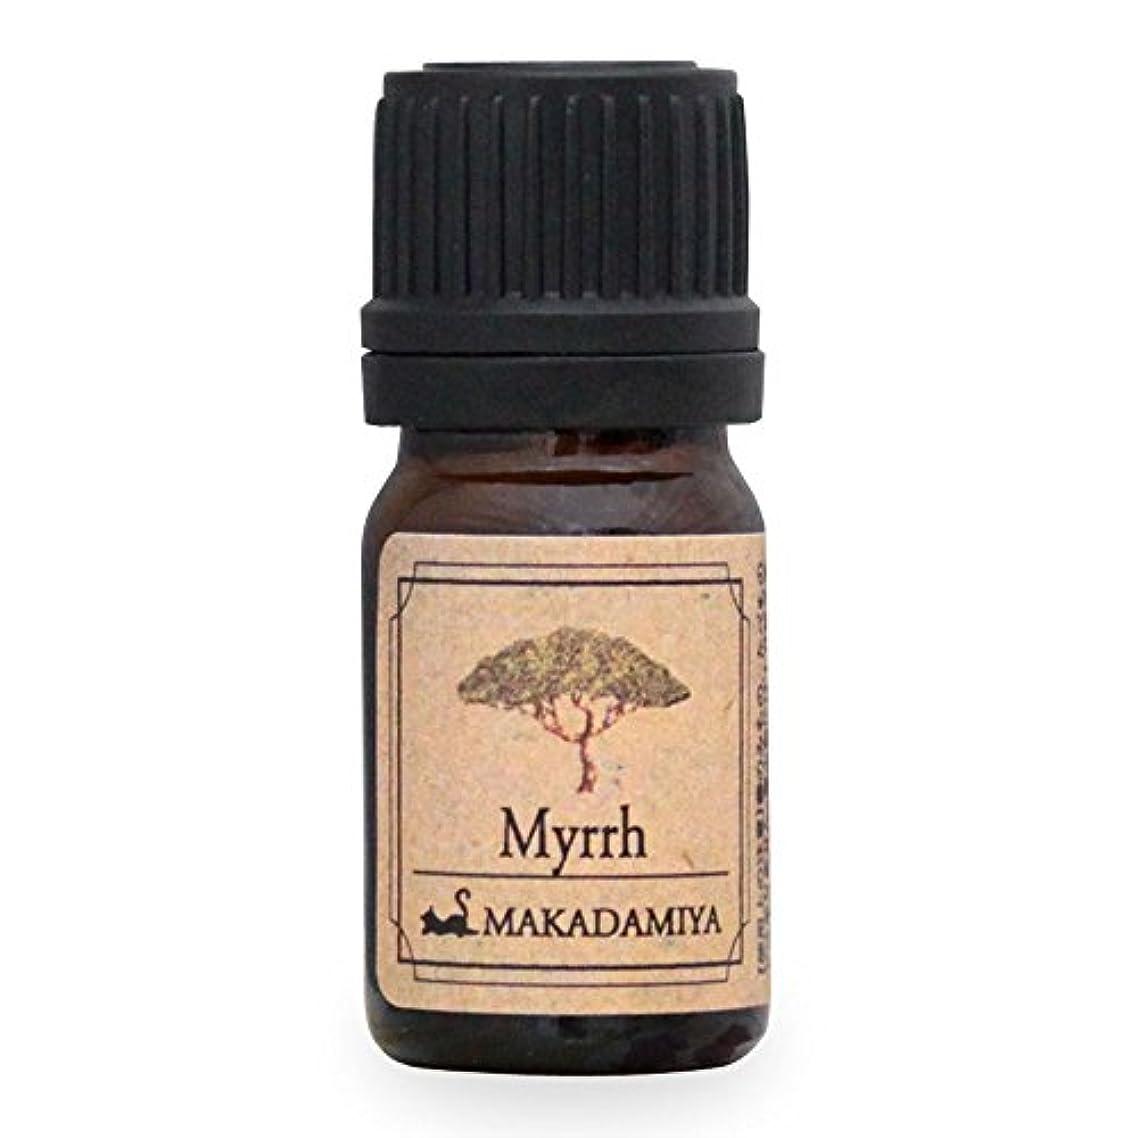 かき混ぜる実現可能ペインミルラ5ml 天然100%植物性 エッセンシャルオイル(精油) アロマオイル アロママッサージ aroma Myrrh